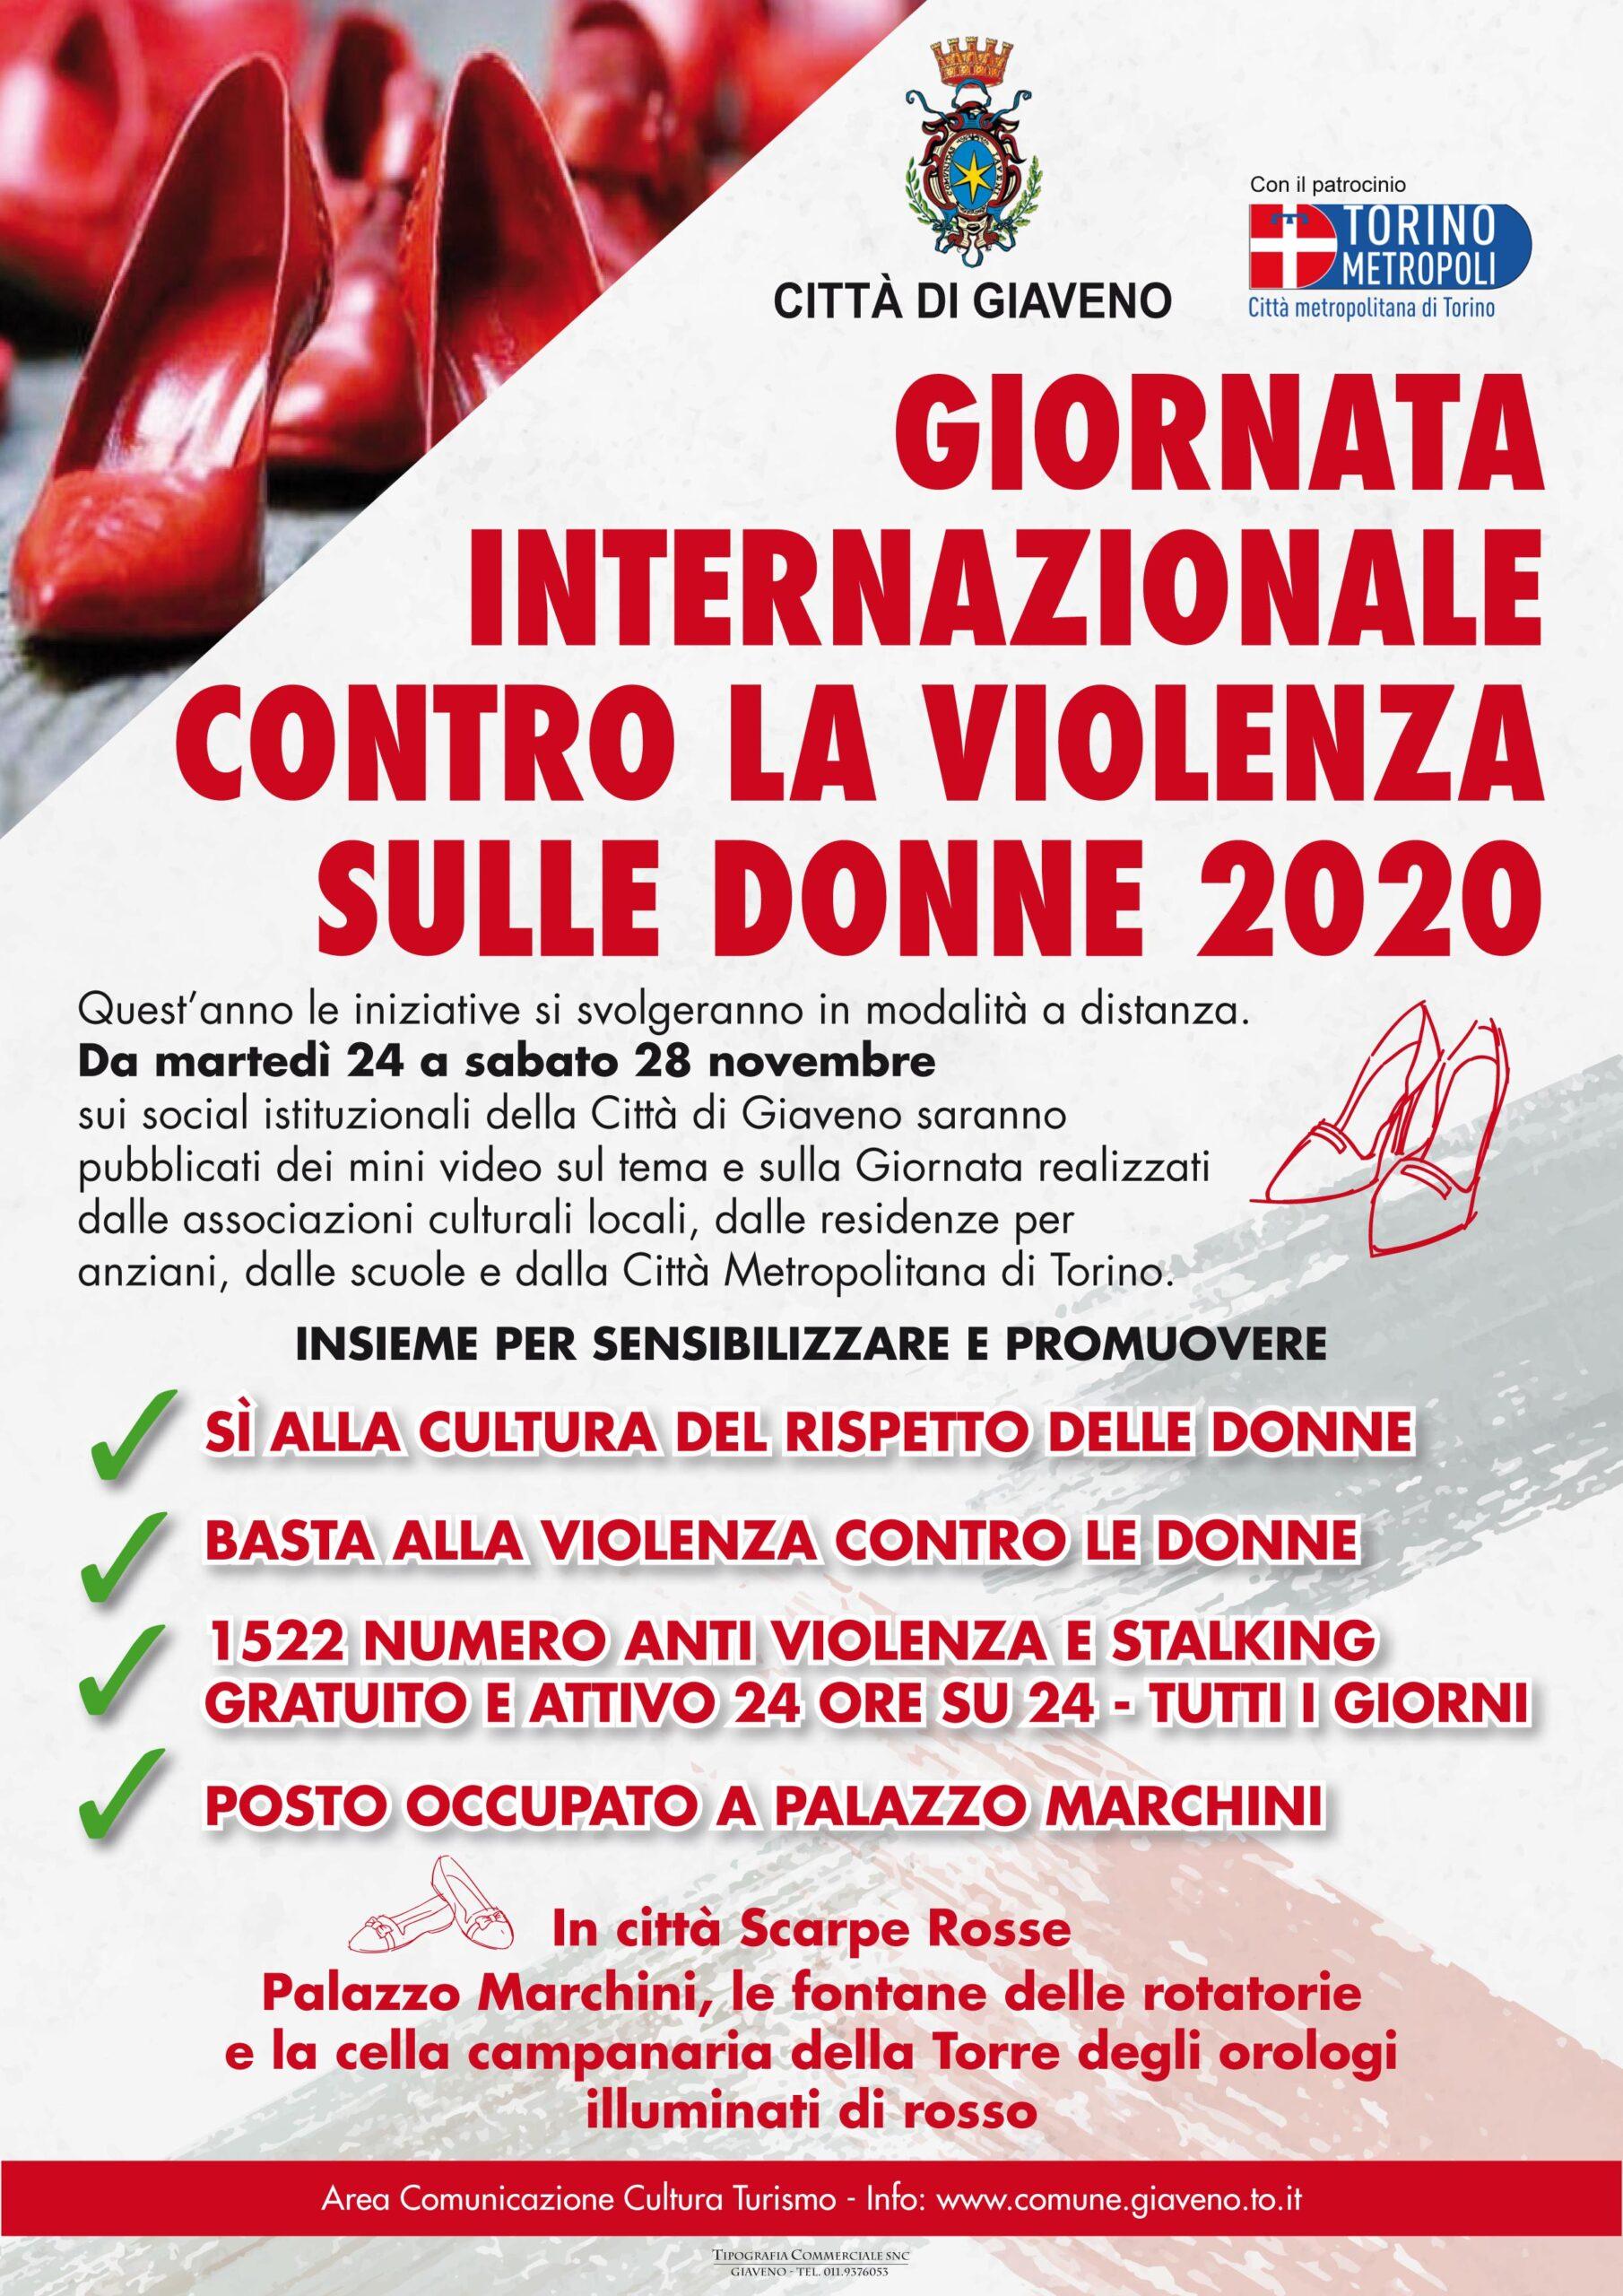 giornata internazionale contro la violenza sulle donne 2020 comune di giaveno violenza sulle donne 2020